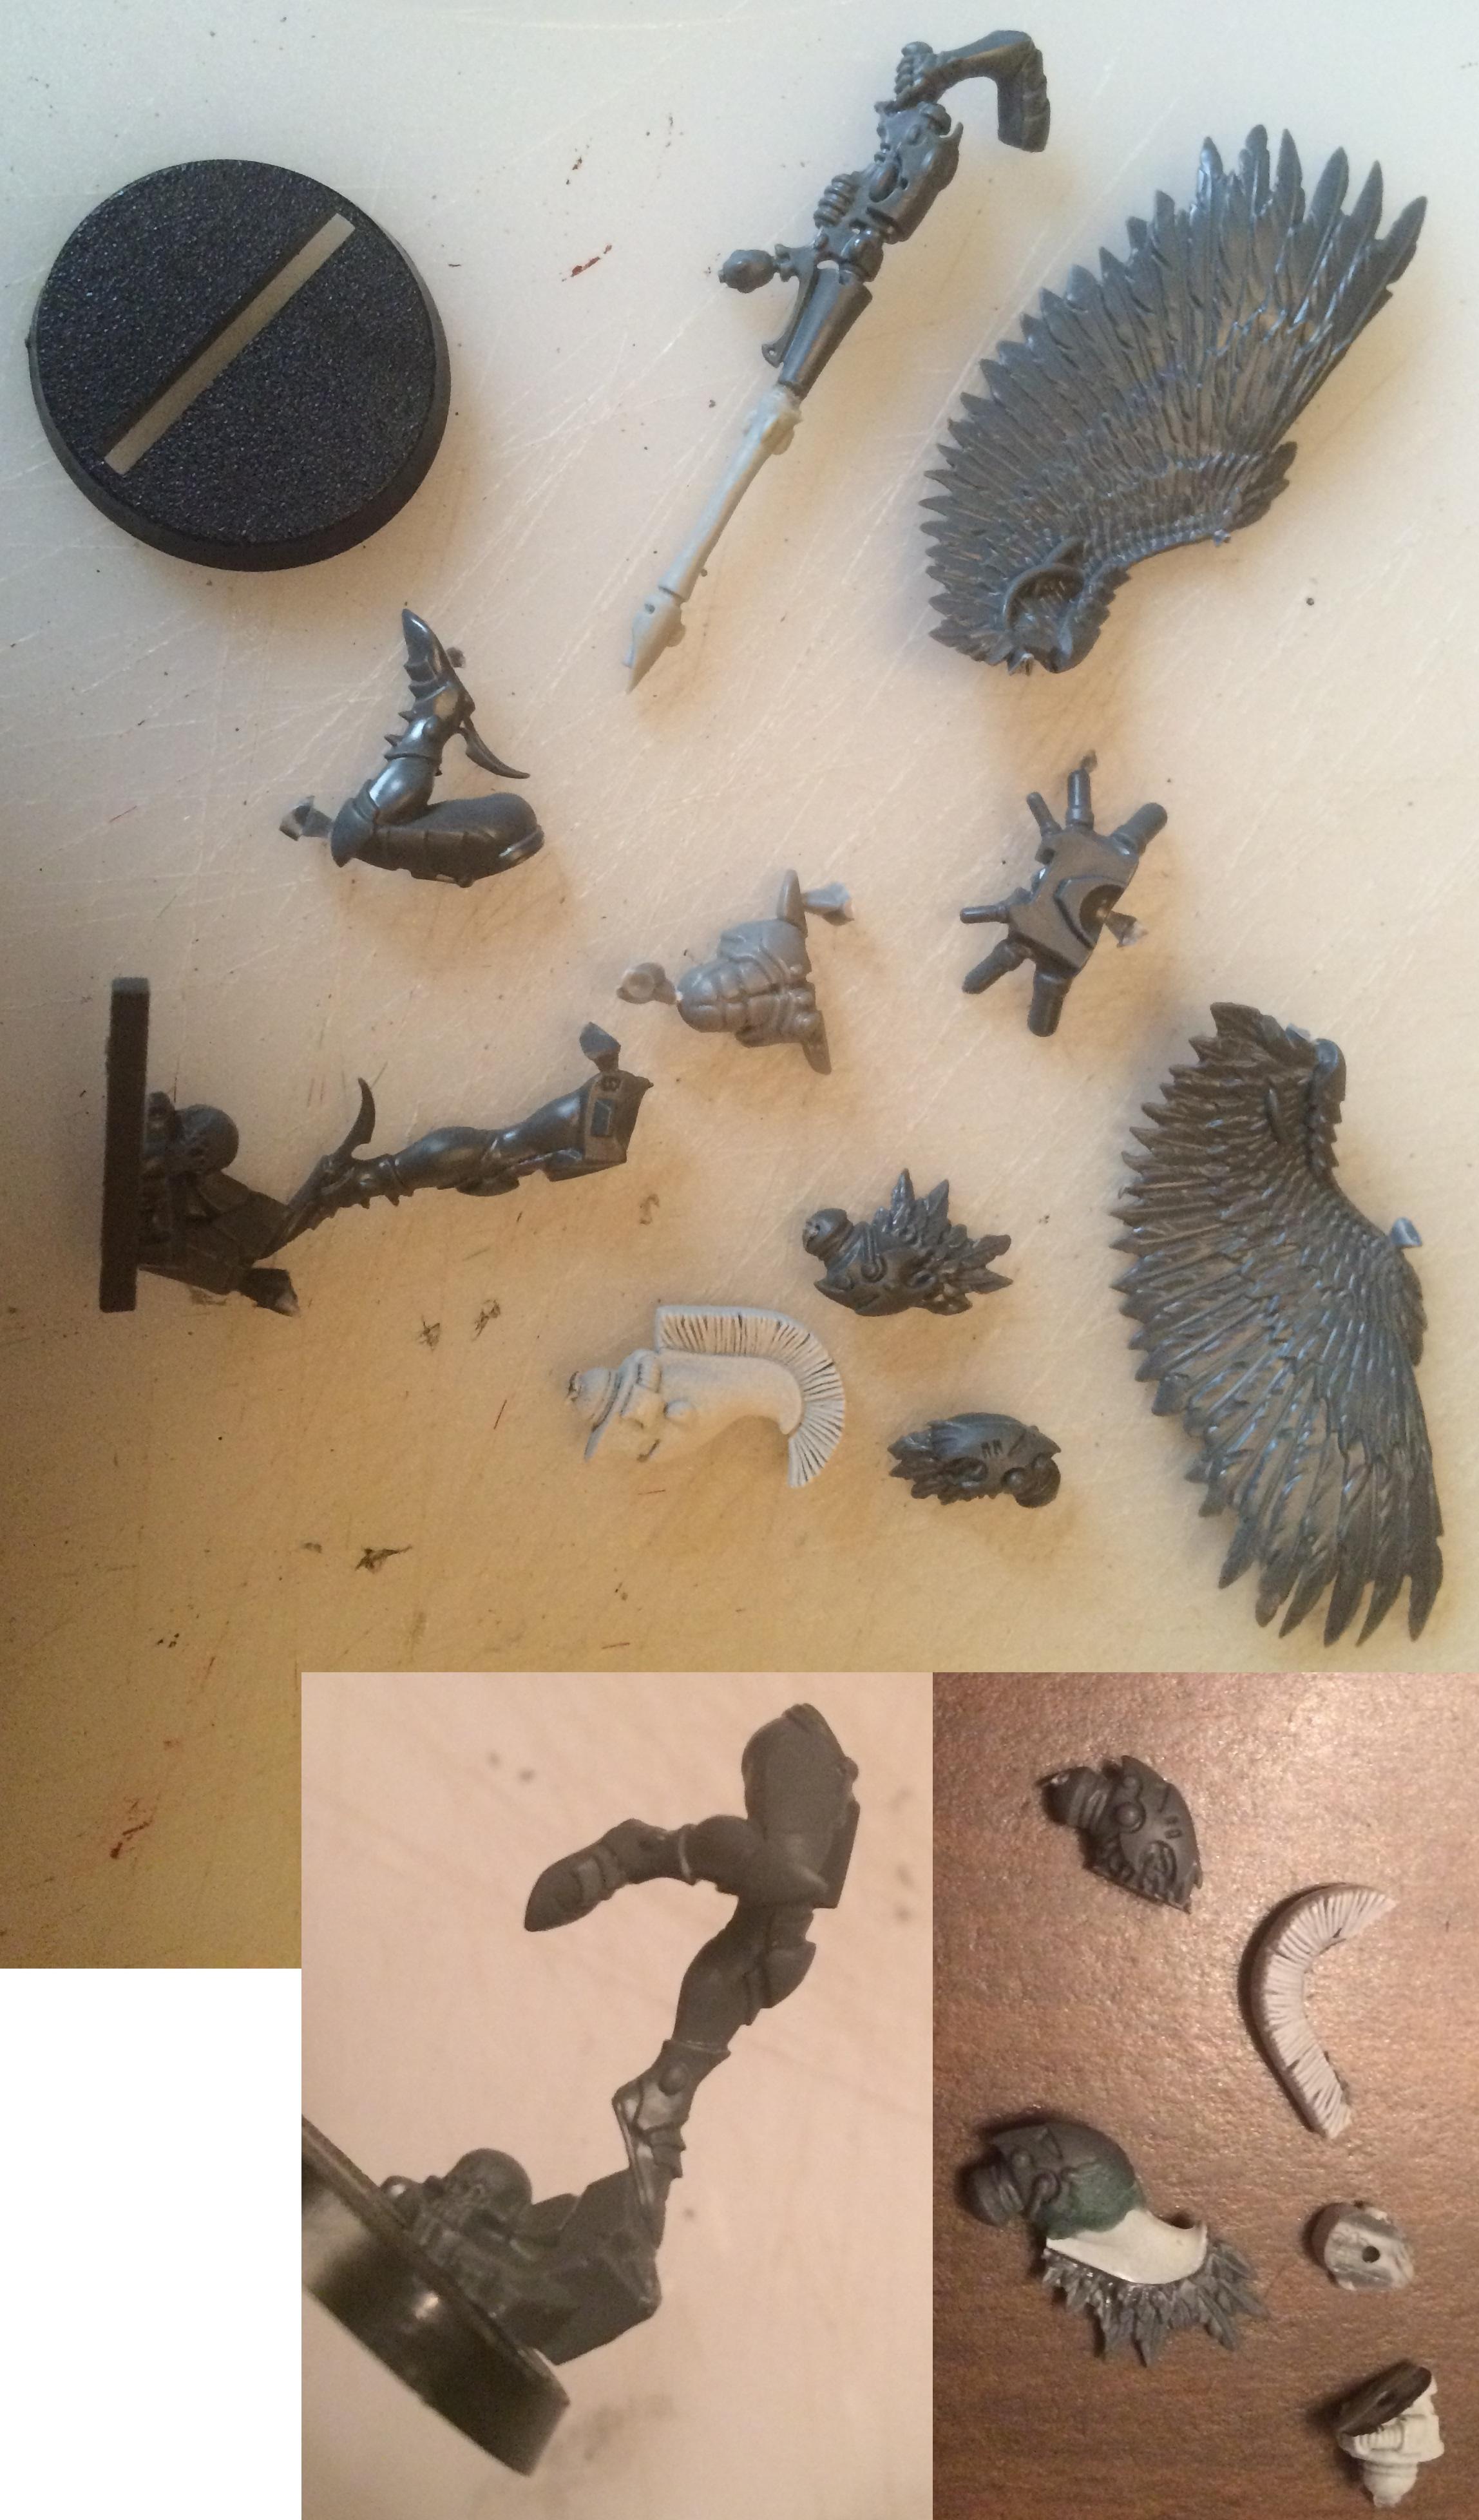 Eldar Aspect, Fire Dragon, Swooping Hawks, Warp Spiders